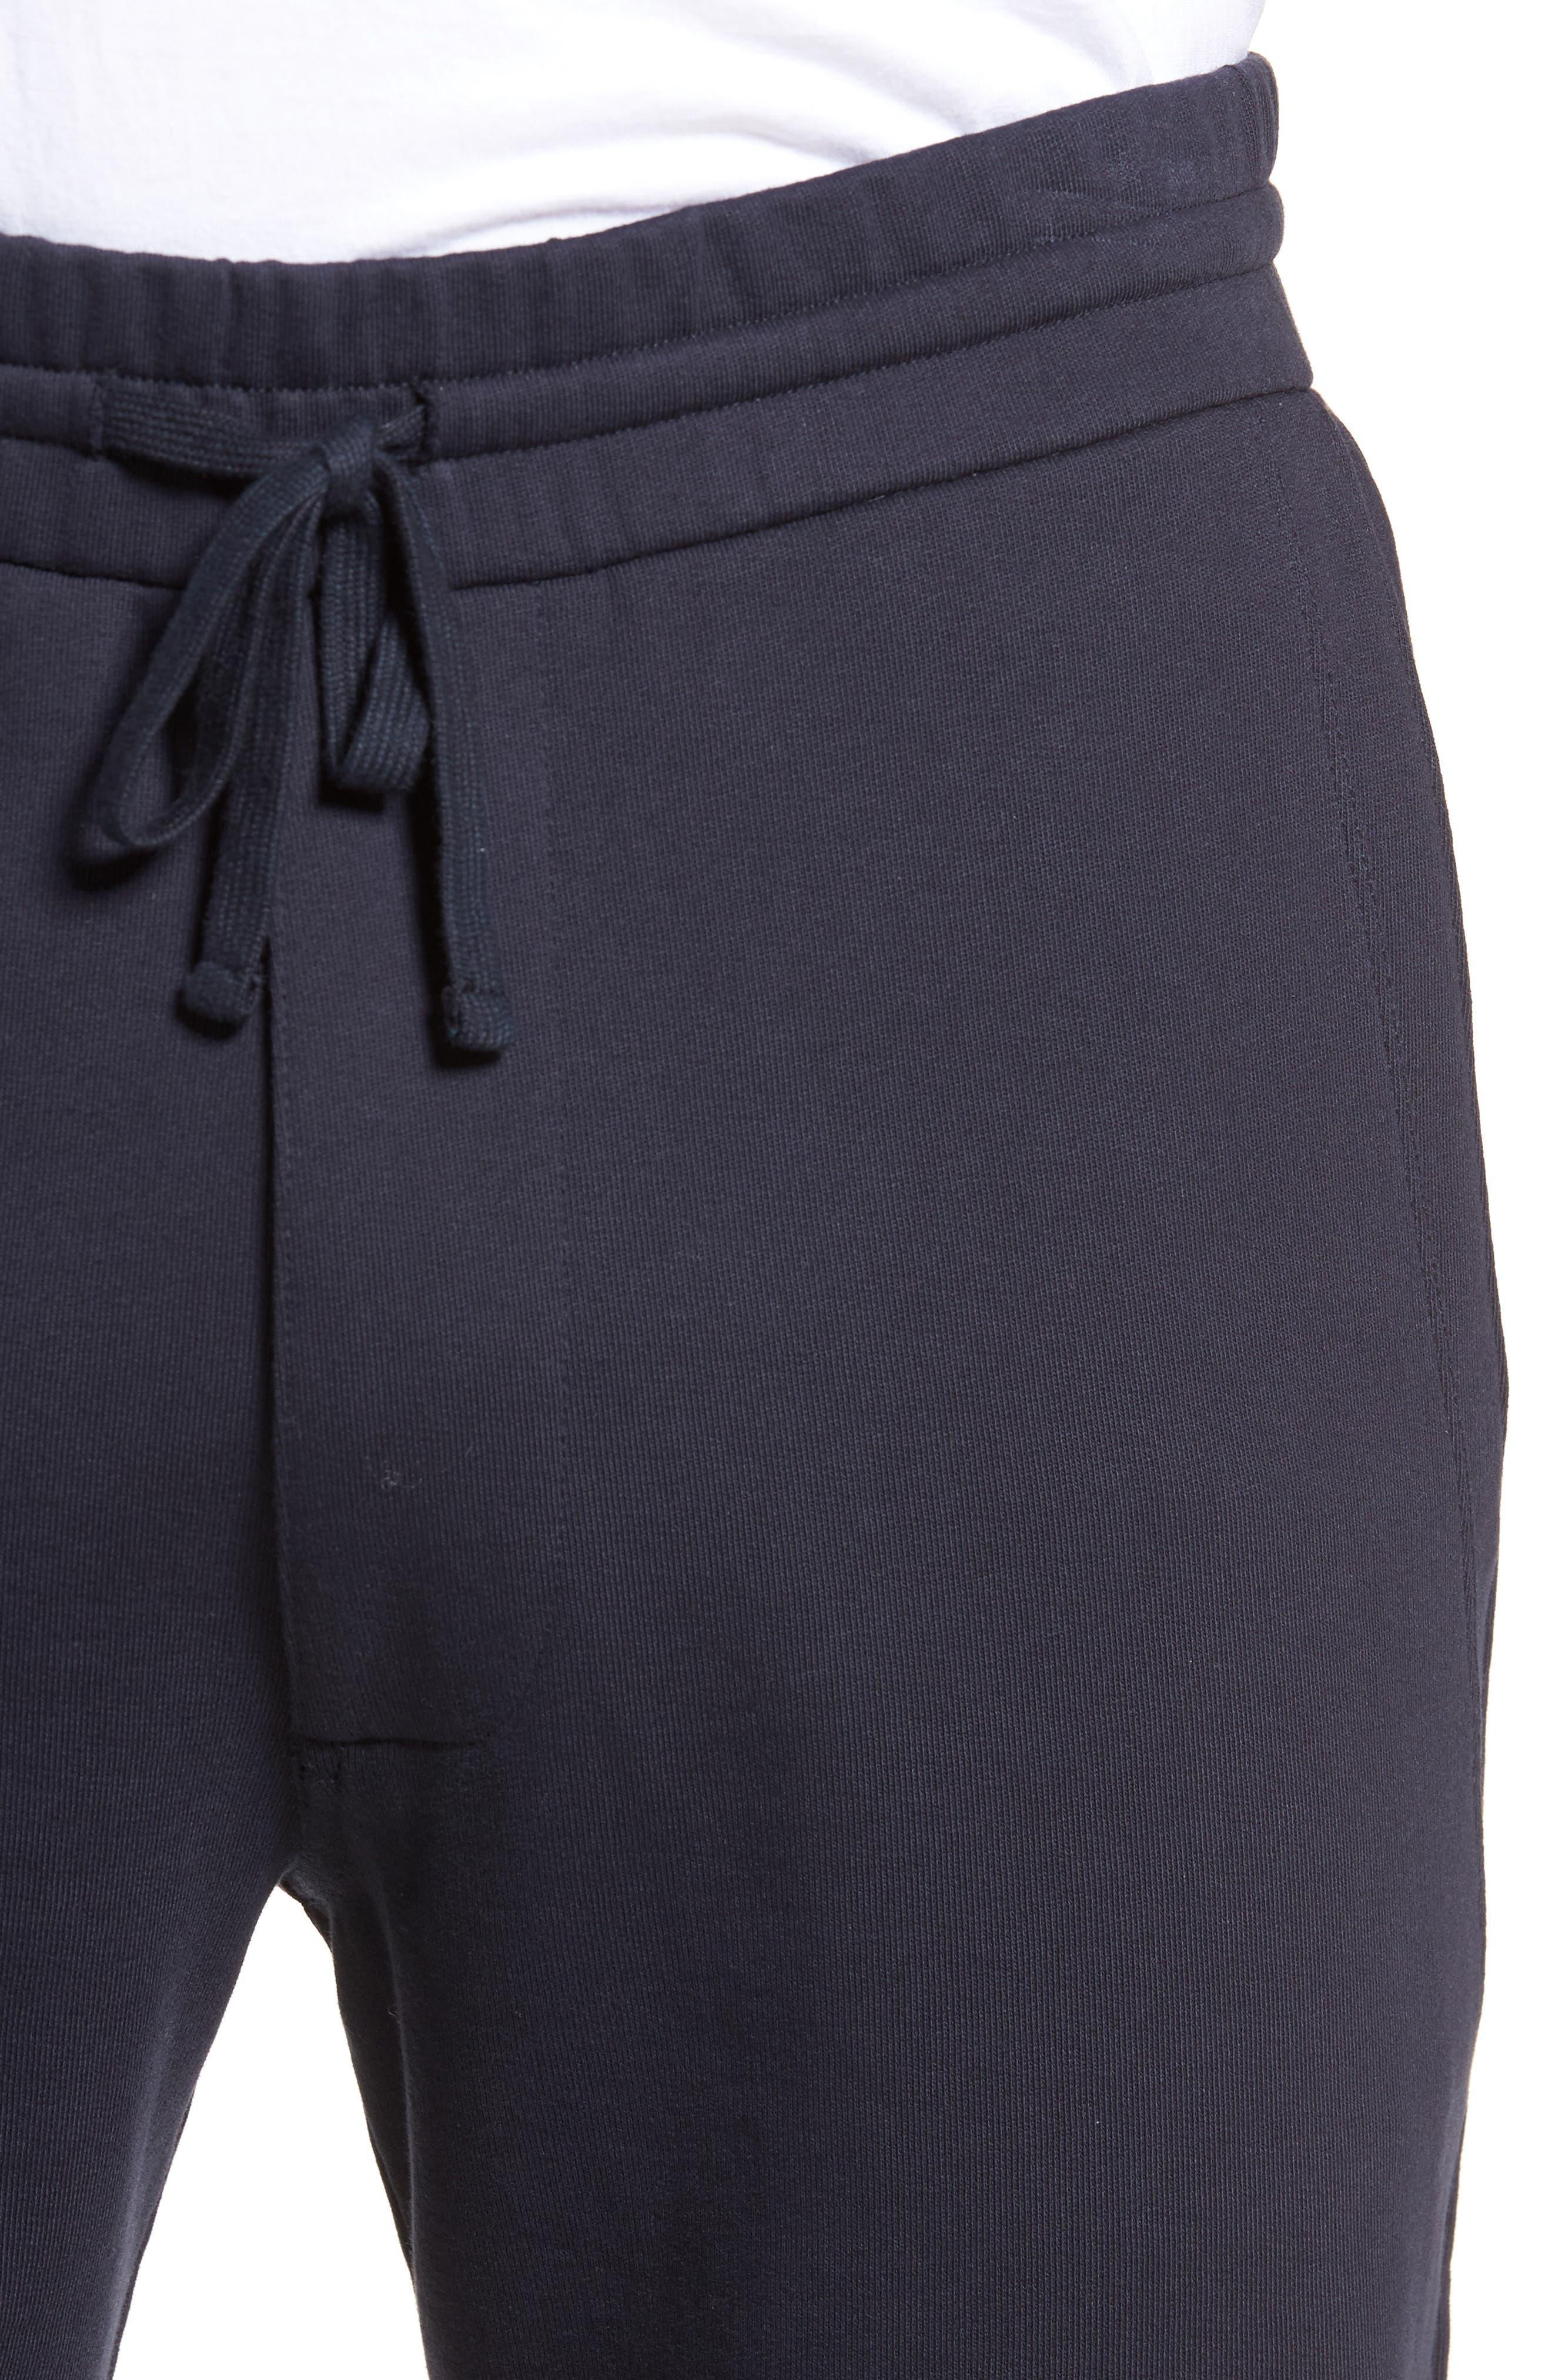 Cotton Sweatpants,                             Alternate thumbnail 8, color,